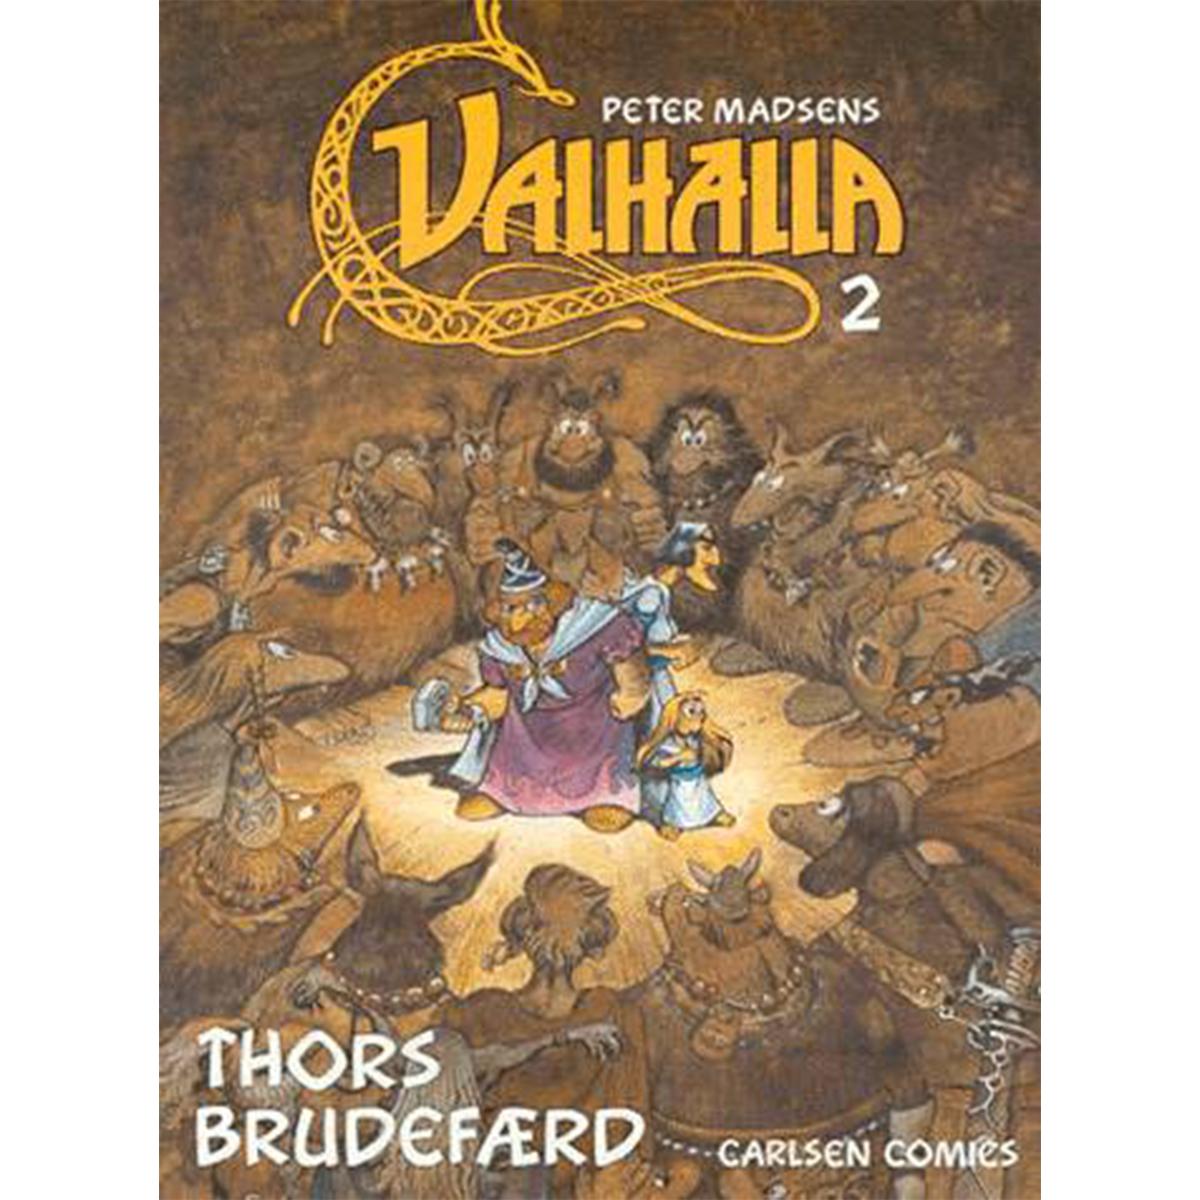 Image of   Thors brudefærd - Et sagn fra den ældre edda - Valhalla 2 - Hæftet